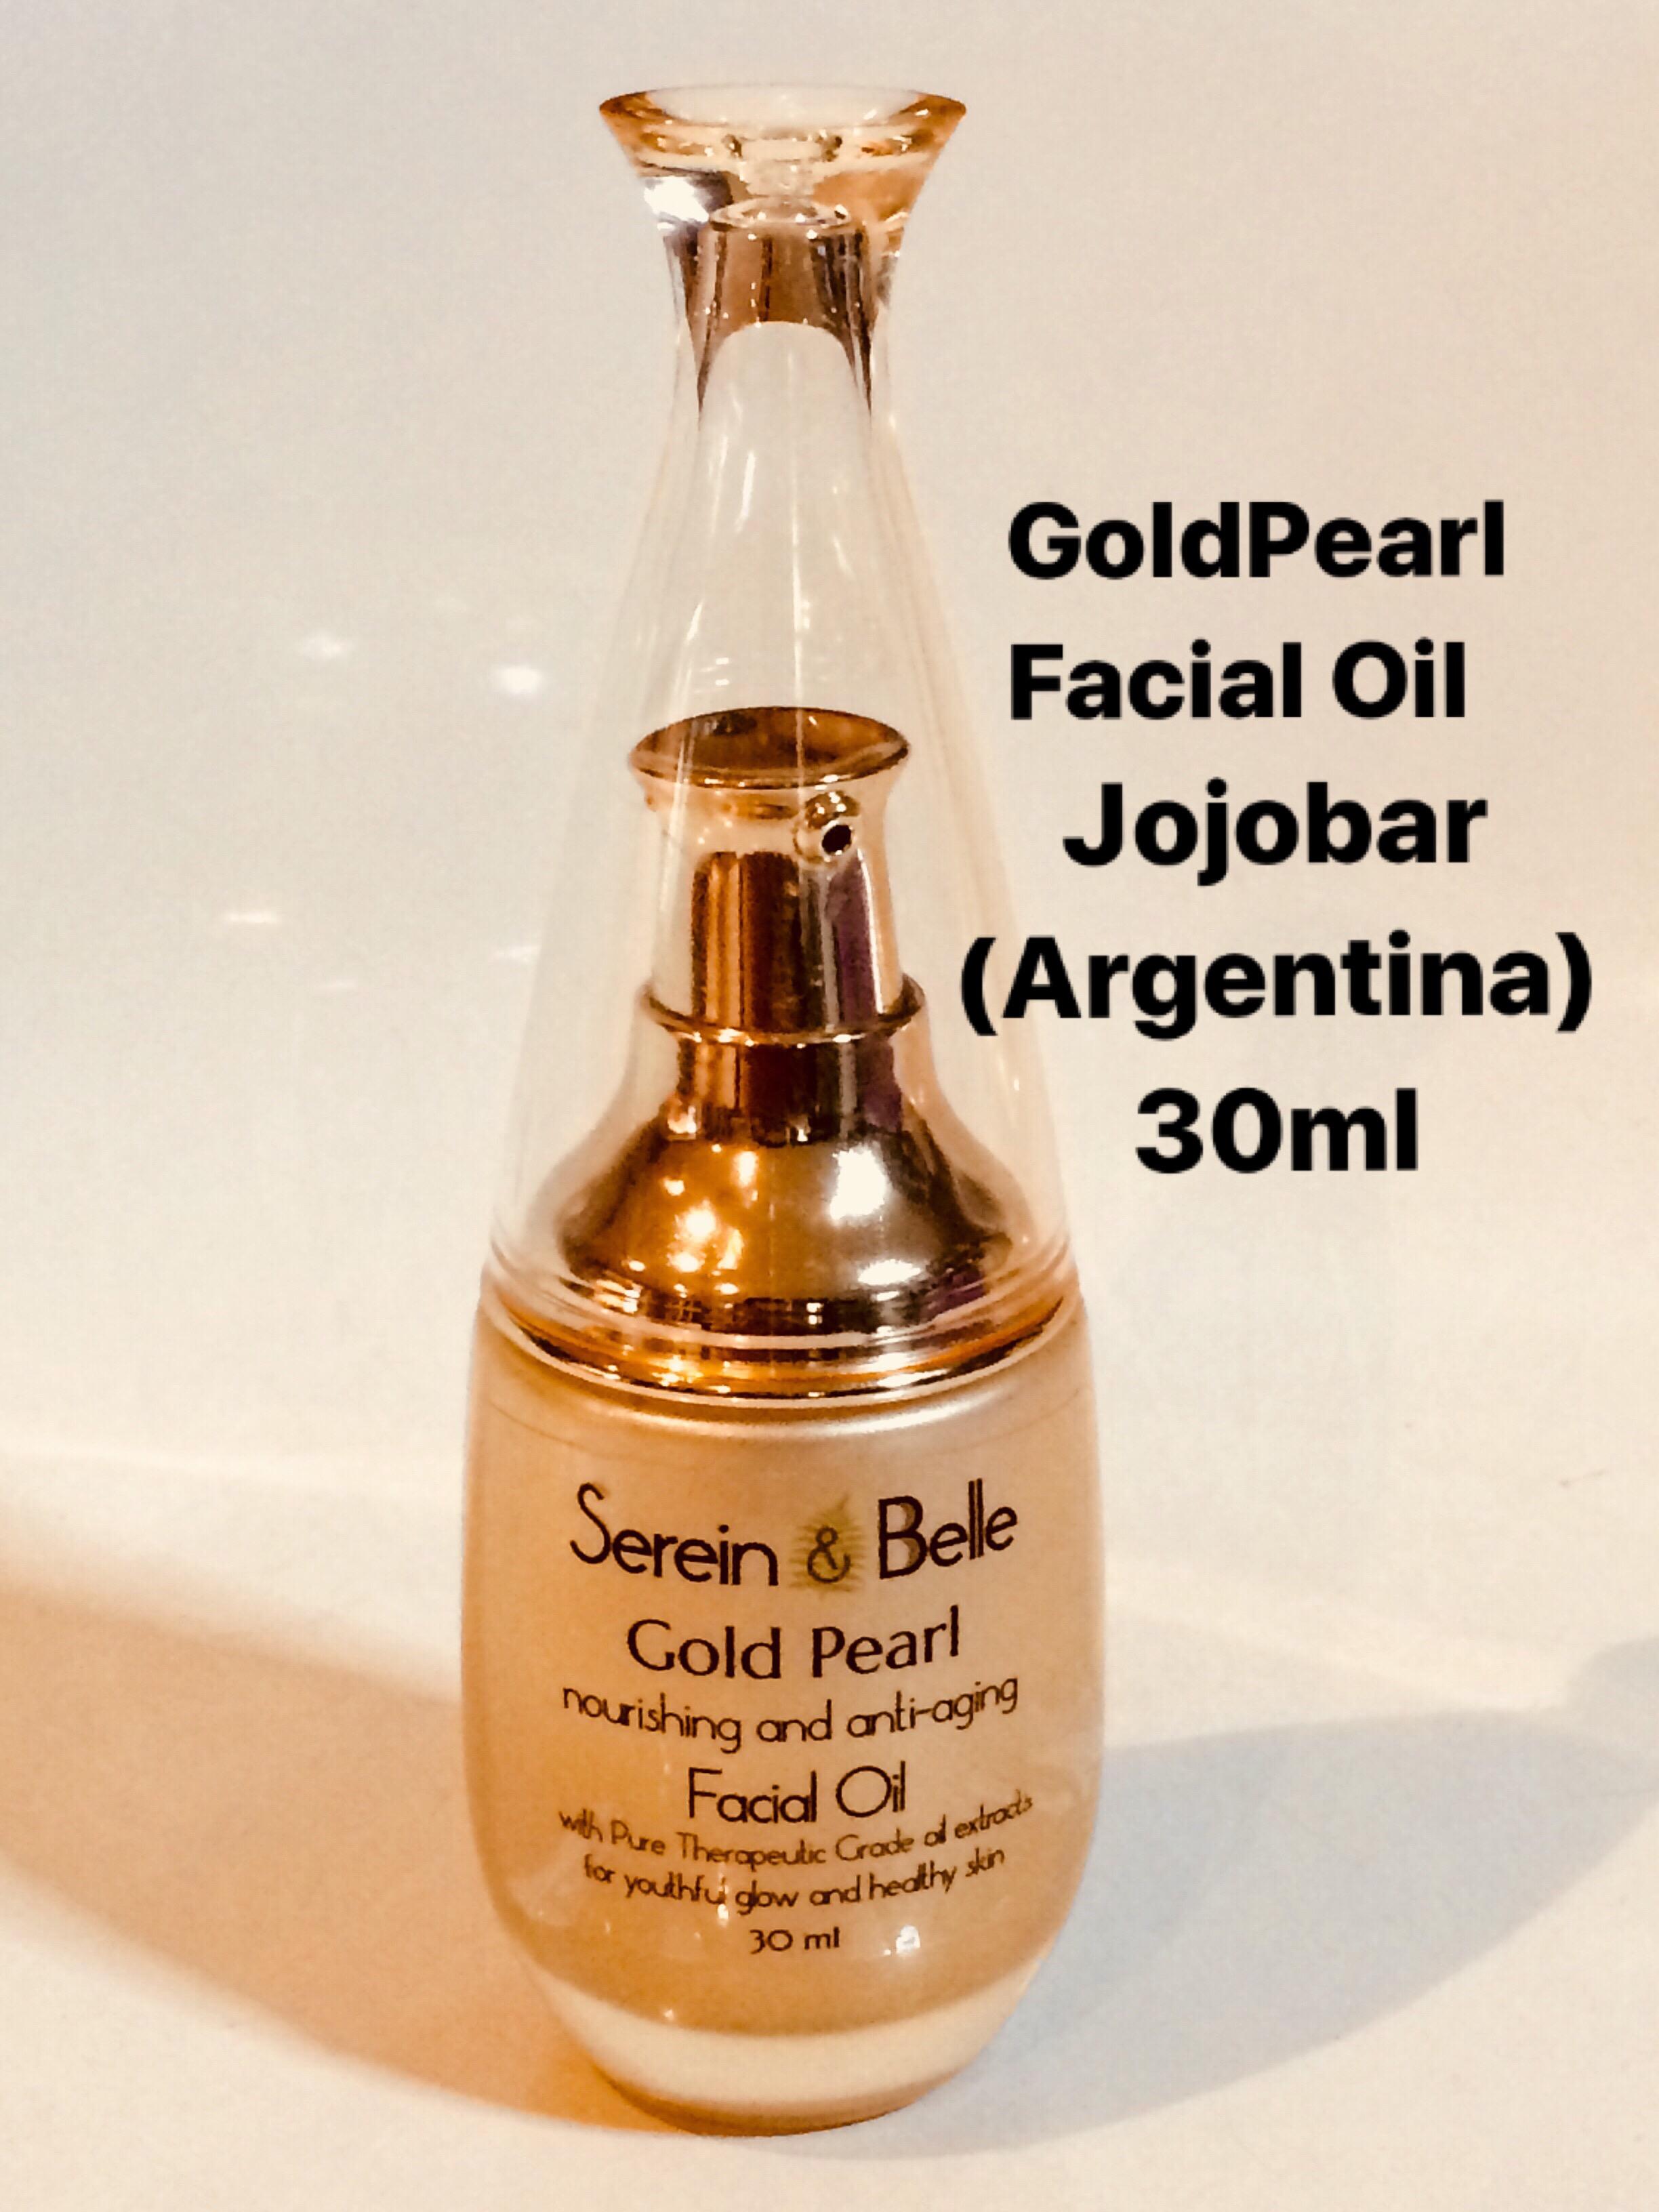 Gold Pearl Facial Oil (Serein & Belle) 30ml ราคา 1300 บาท